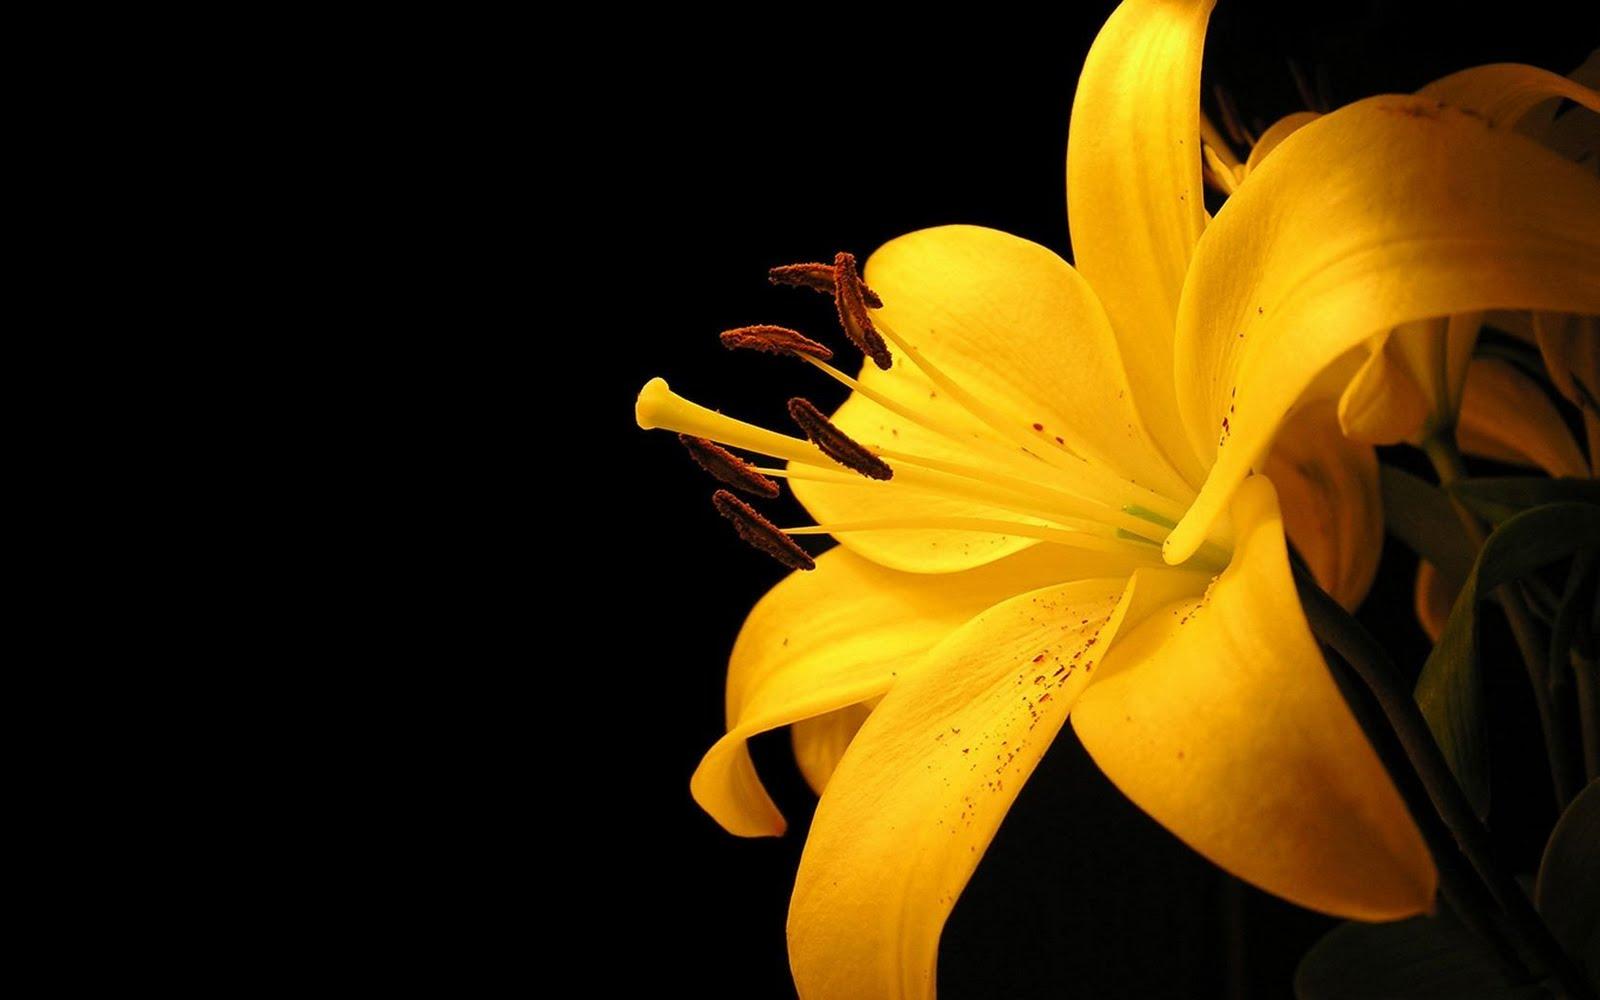 http://2.bp.blogspot.com/_WnJsheyYrRw/TCya_VdKyfI/AAAAAAAAABQ/9lK8-kCq34I/s1600/yellow+lily+flowers+wallpaper+1293.jpg